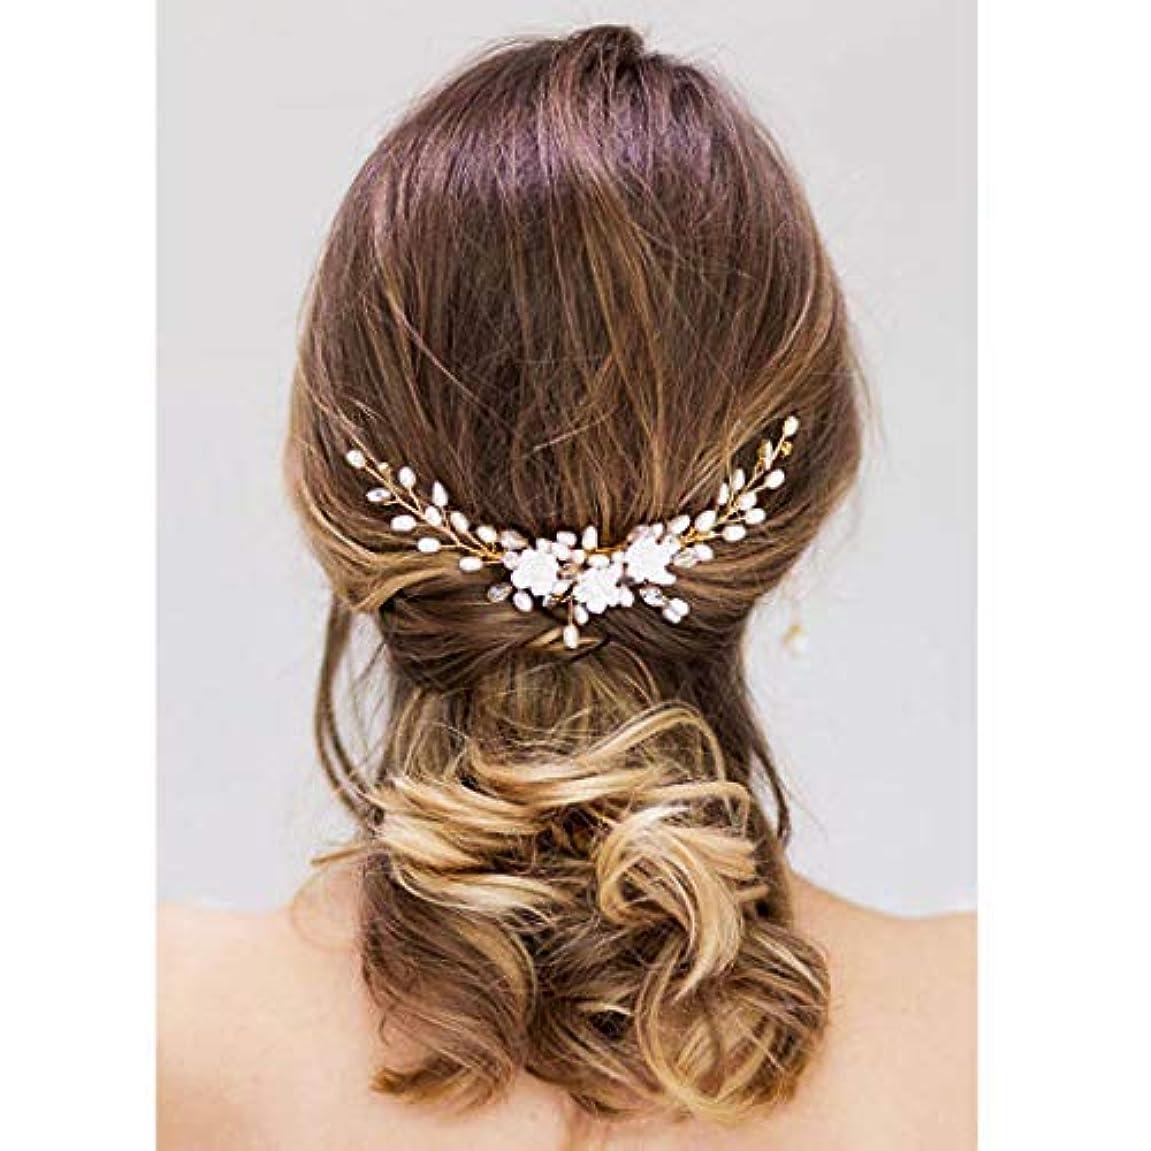 農場閉じるぐったりDrecode Bride Wedding Hair Comb Flower Headpiece Pearl Rhinestone Hair Accessories for Women and Girls [並行輸入品]